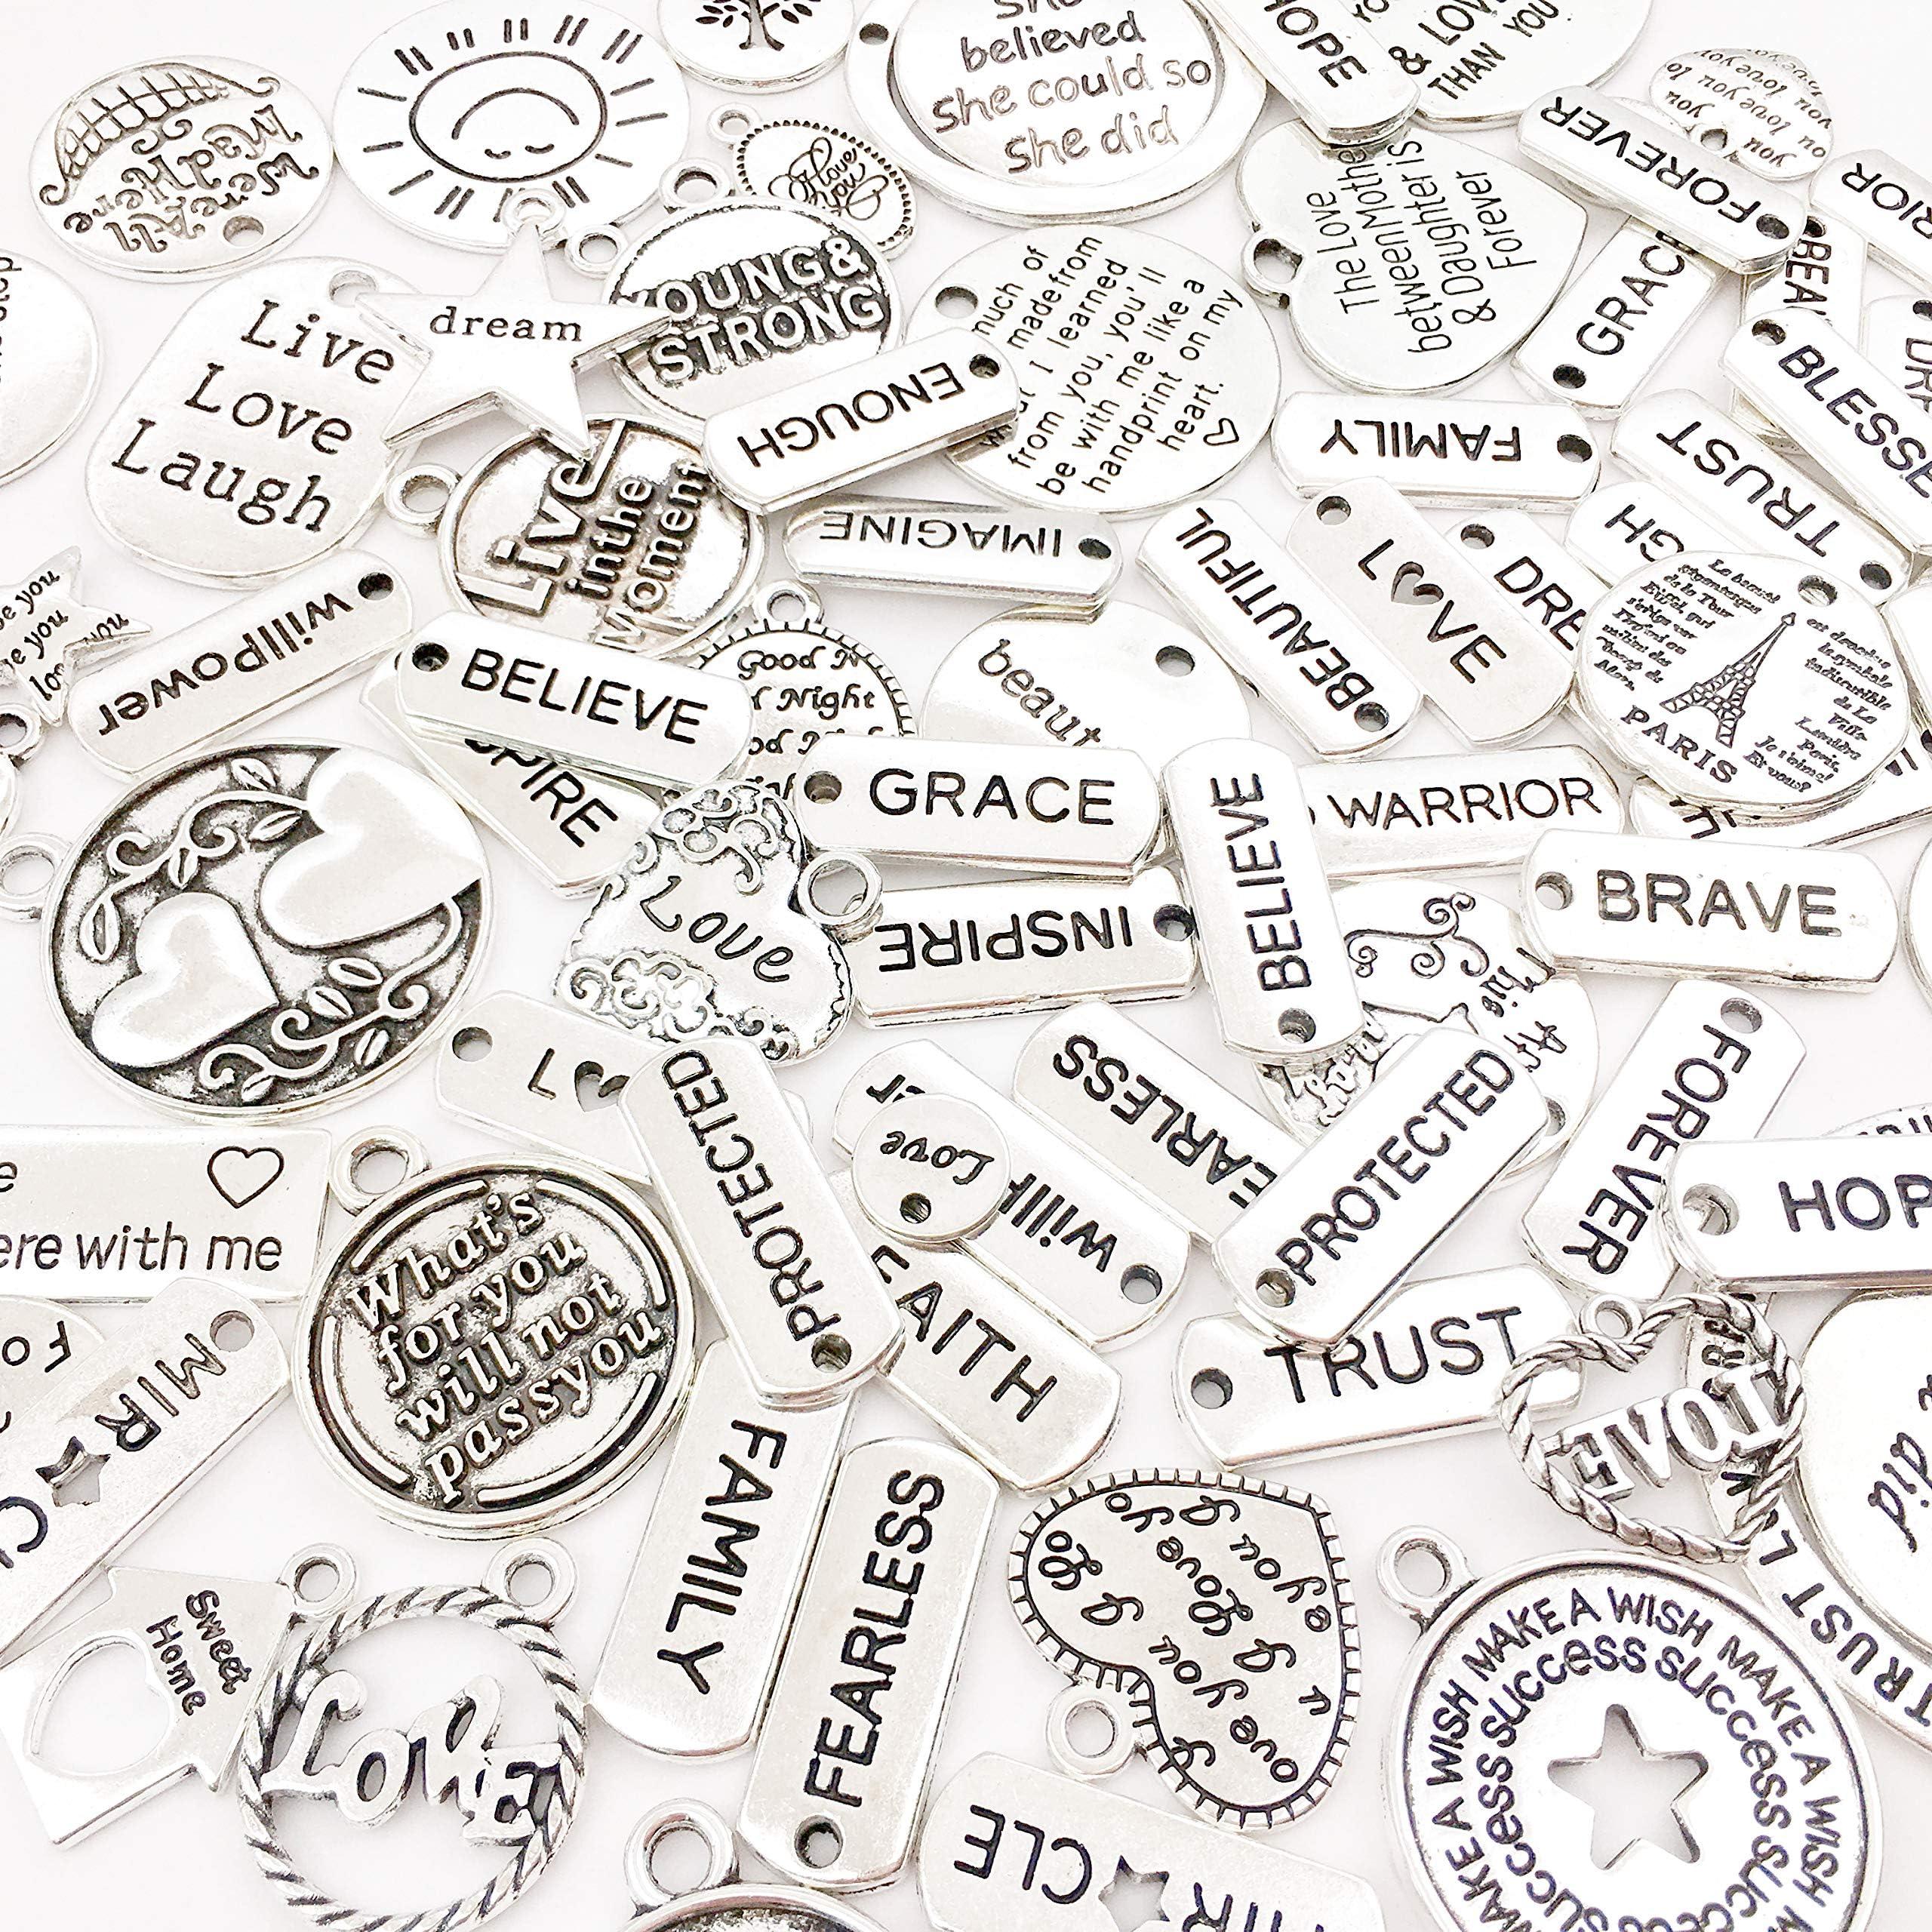 Words Plate Alphabet Your are My Only Charms Pendants Zinc Alloy DIY Ornament Punk Charm Pendant Necklace 30pcs T672